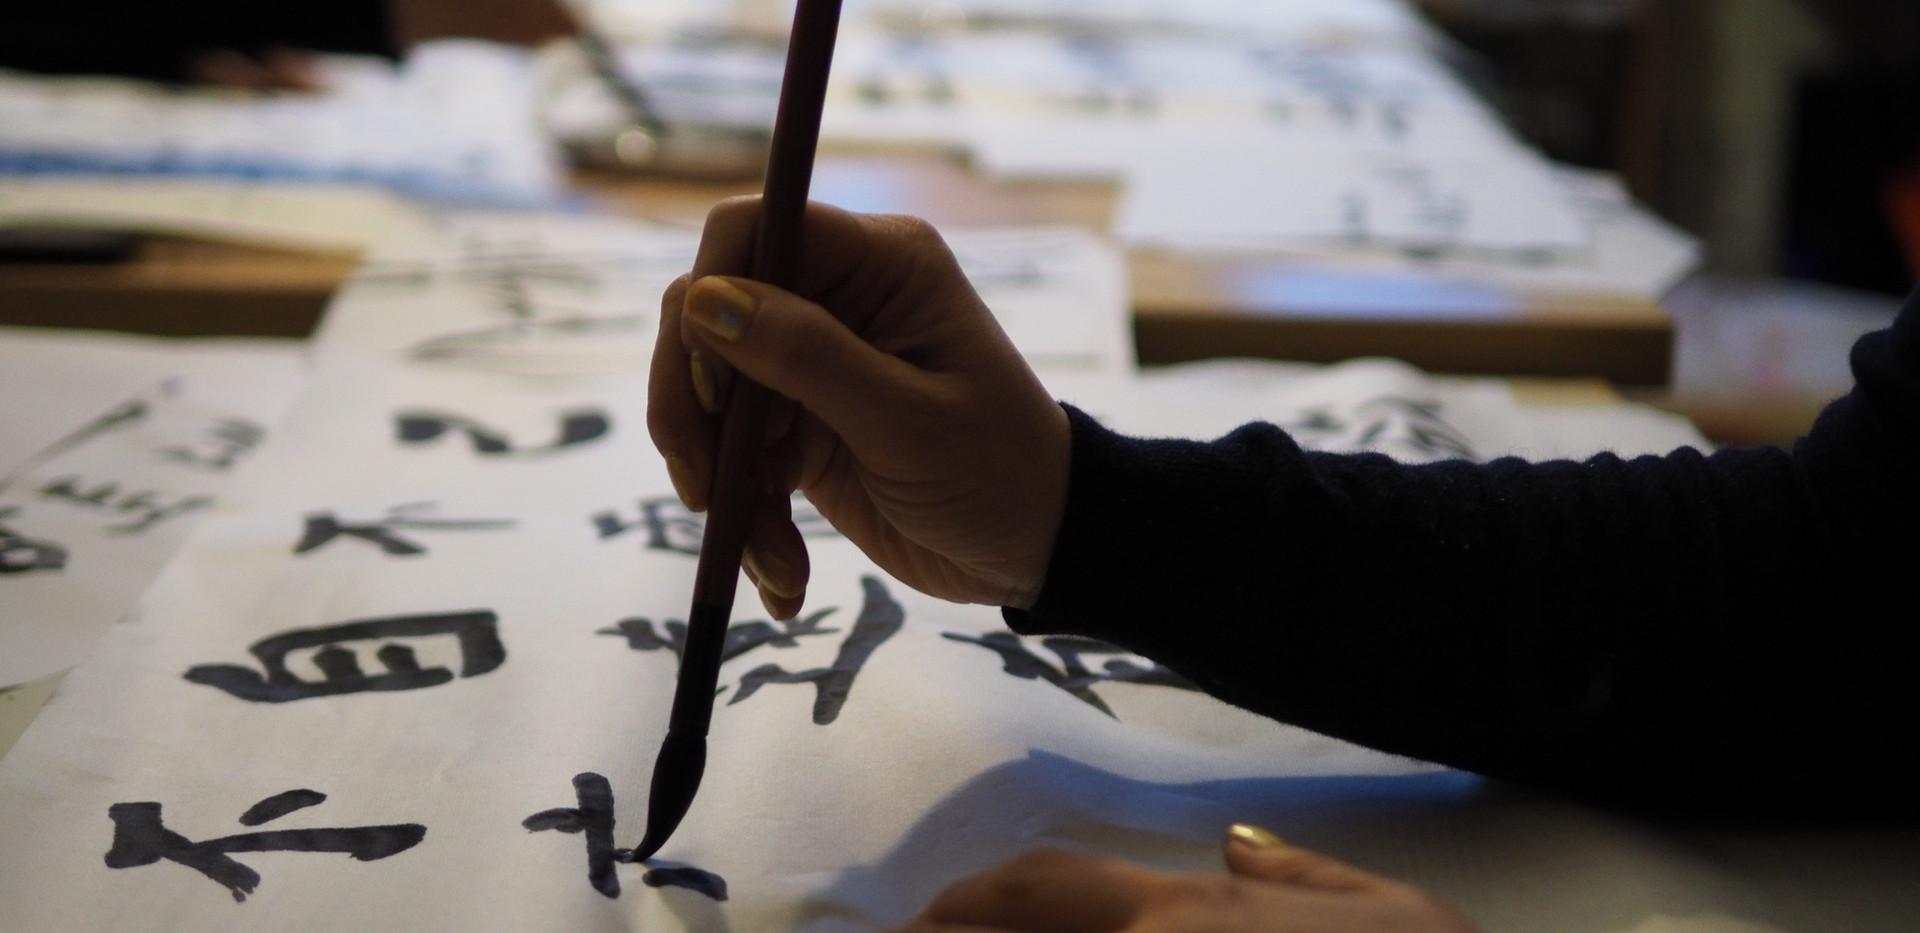 Un pinceau manié avec dextérité lors d'une séance de calligraphie